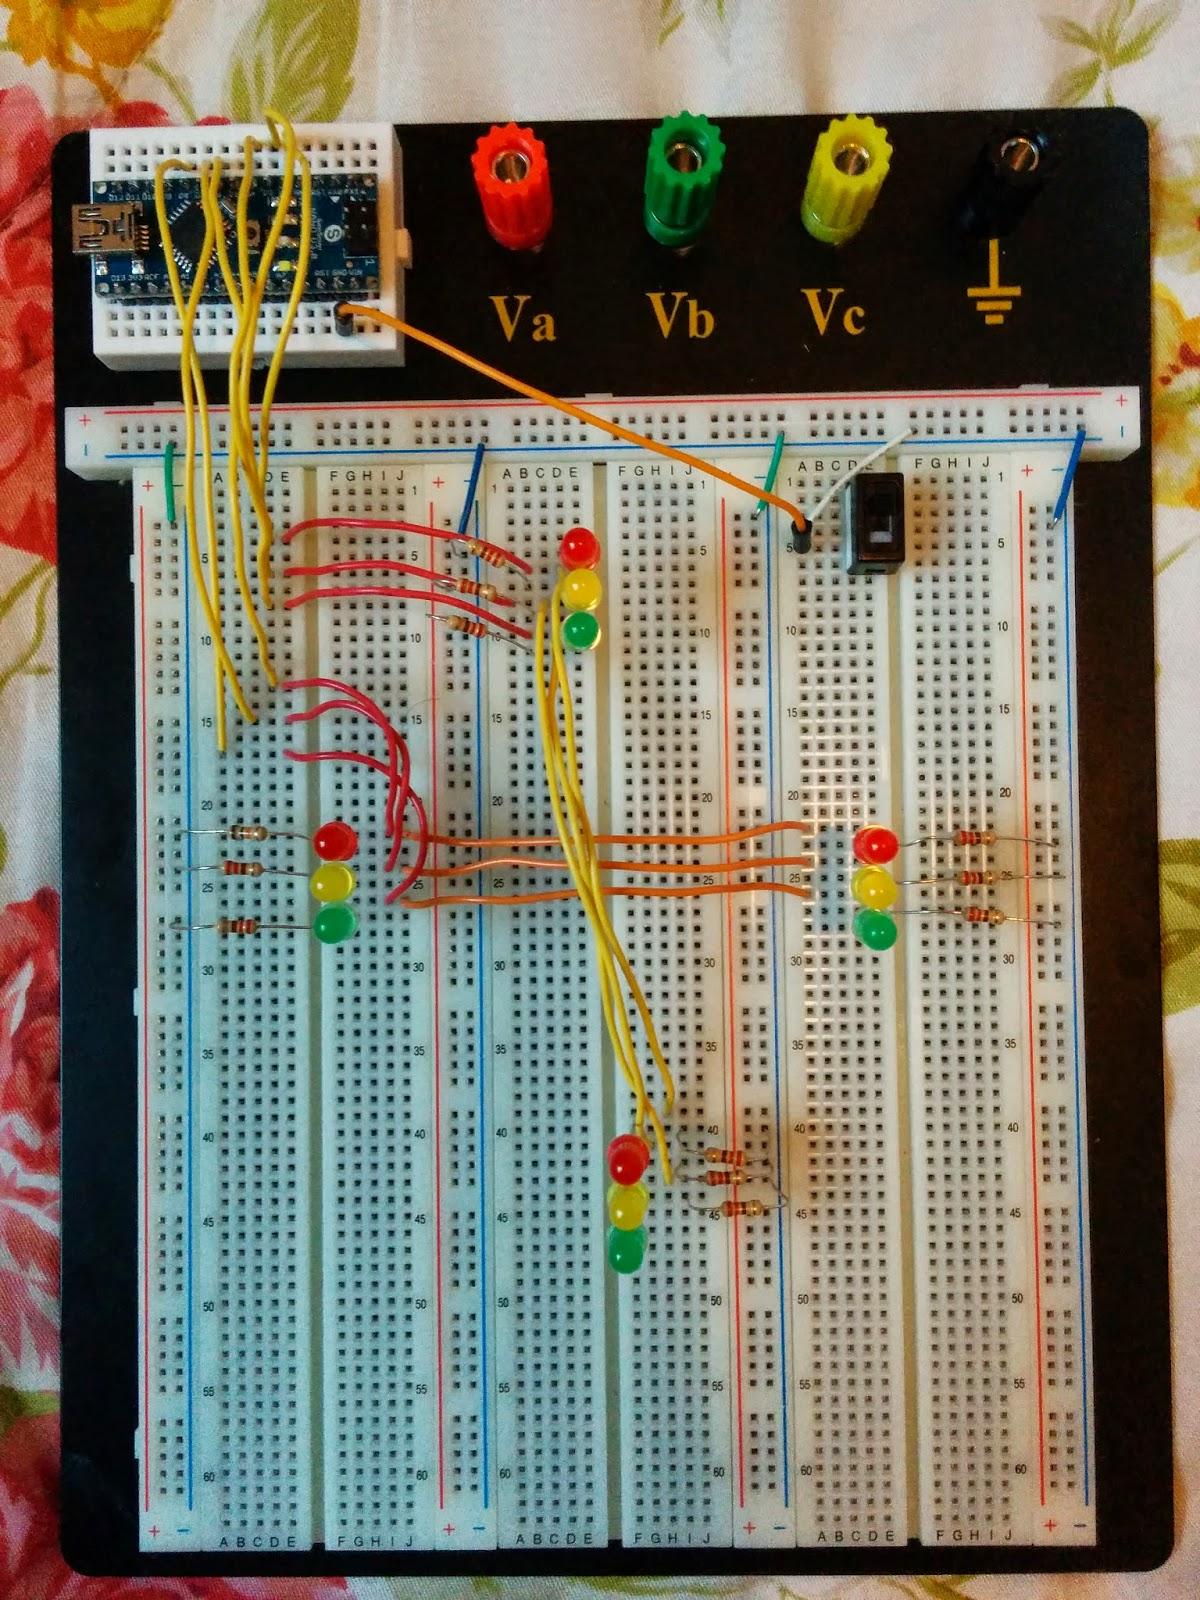 Arduino coder traffic light controller